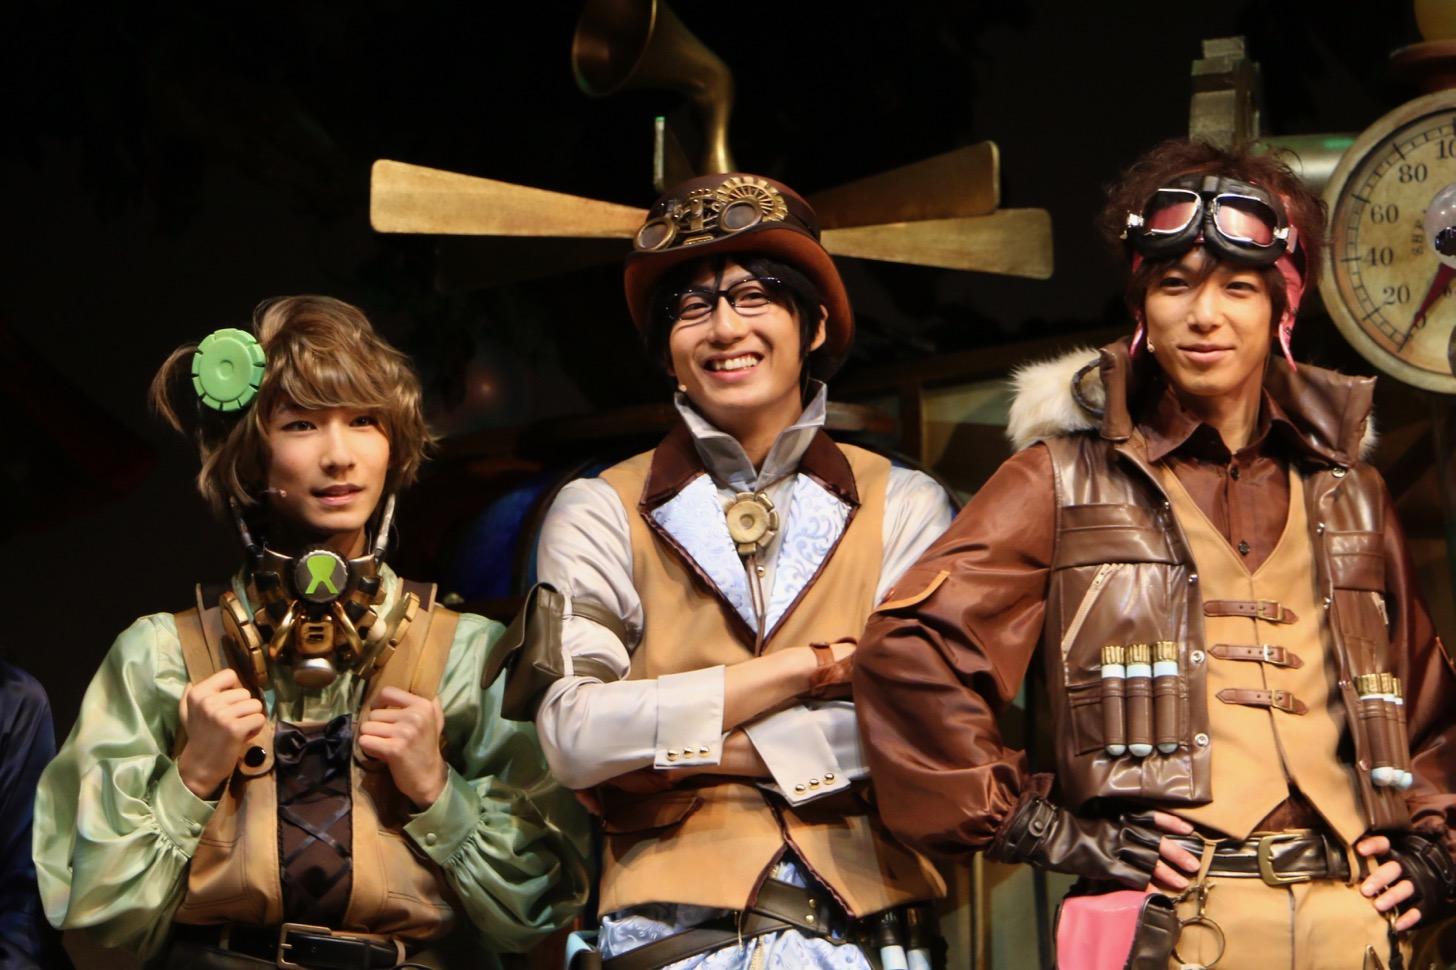 左から佐野真白さん、中尾拳也さん、瀬戸祐介さん